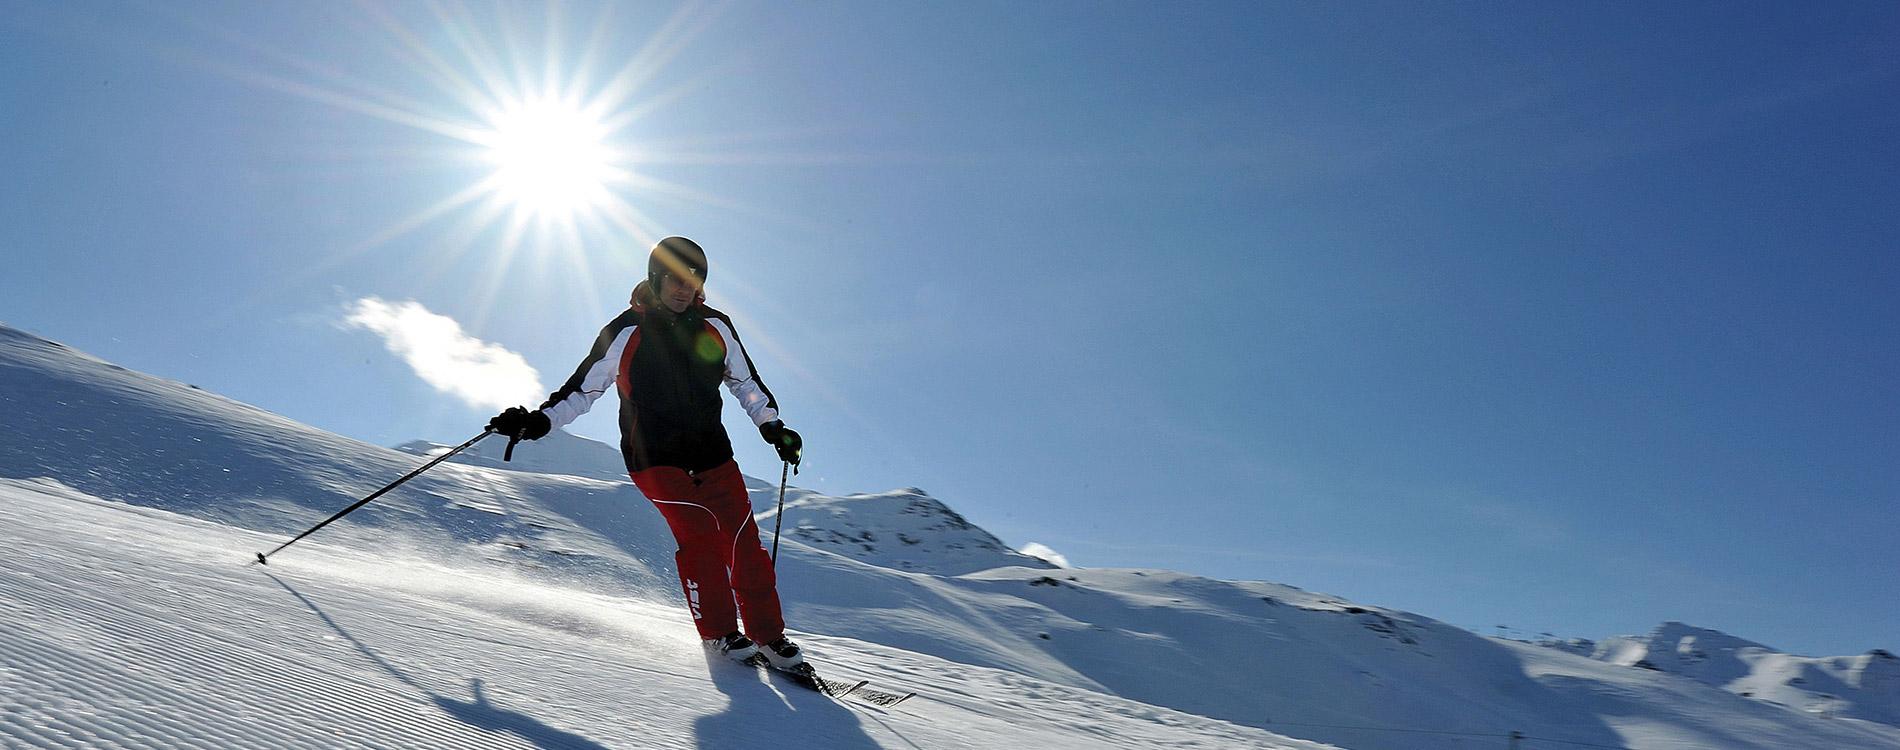 Ski resort Obergurgl Hochgurgl Ötztal Tyrol Austria